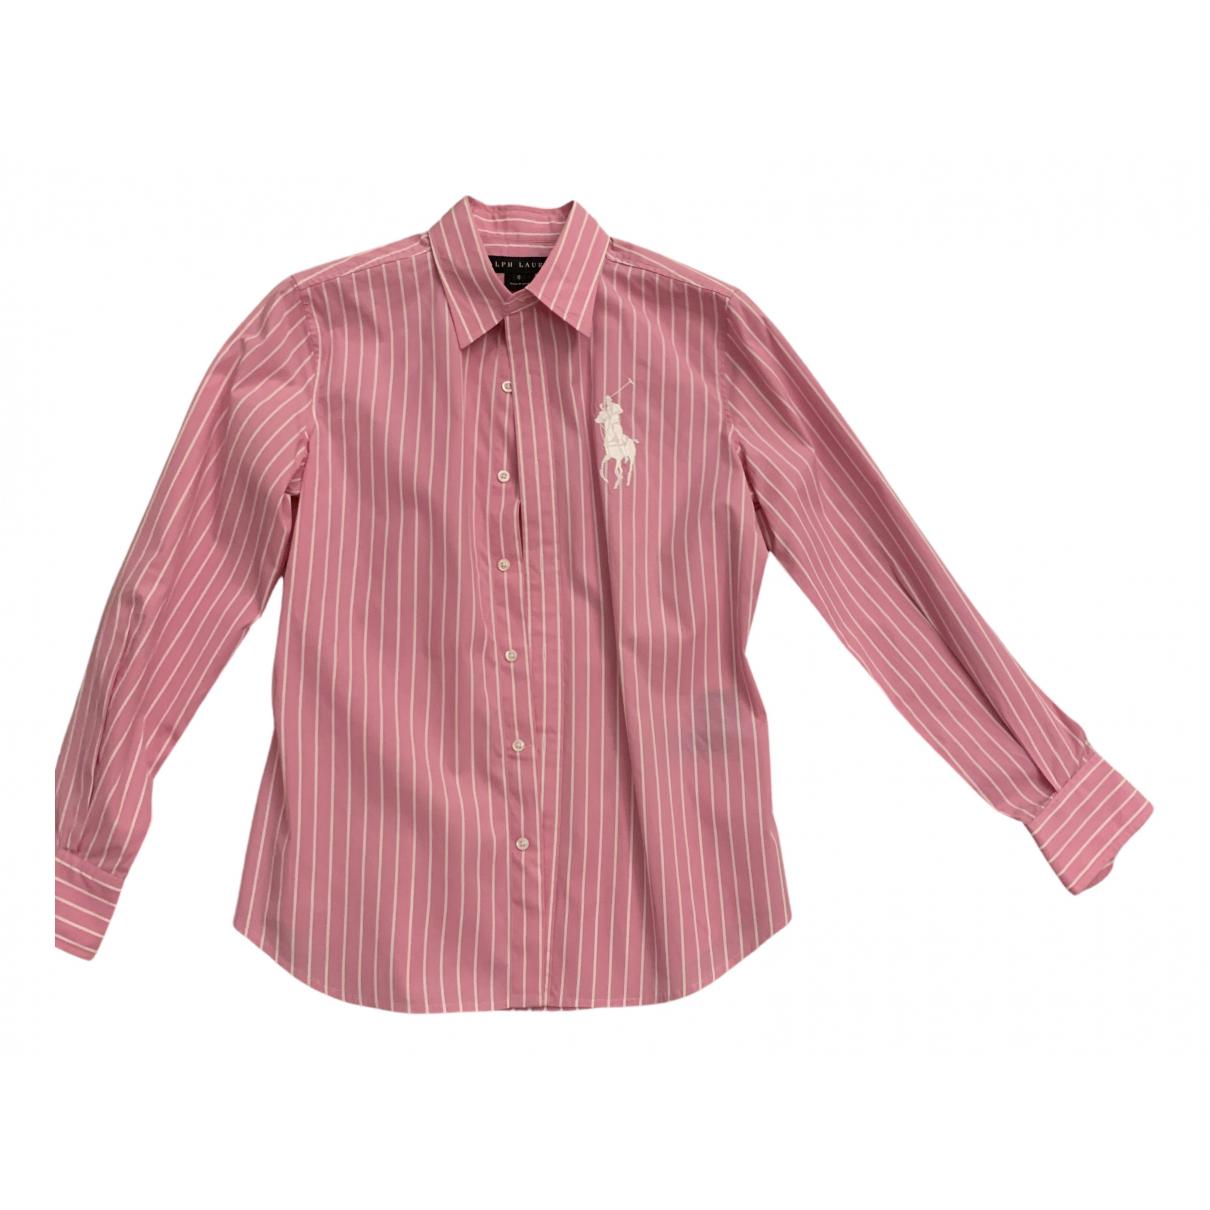 Polo Ralph Lauren N Cotton  top for Women 6 UK